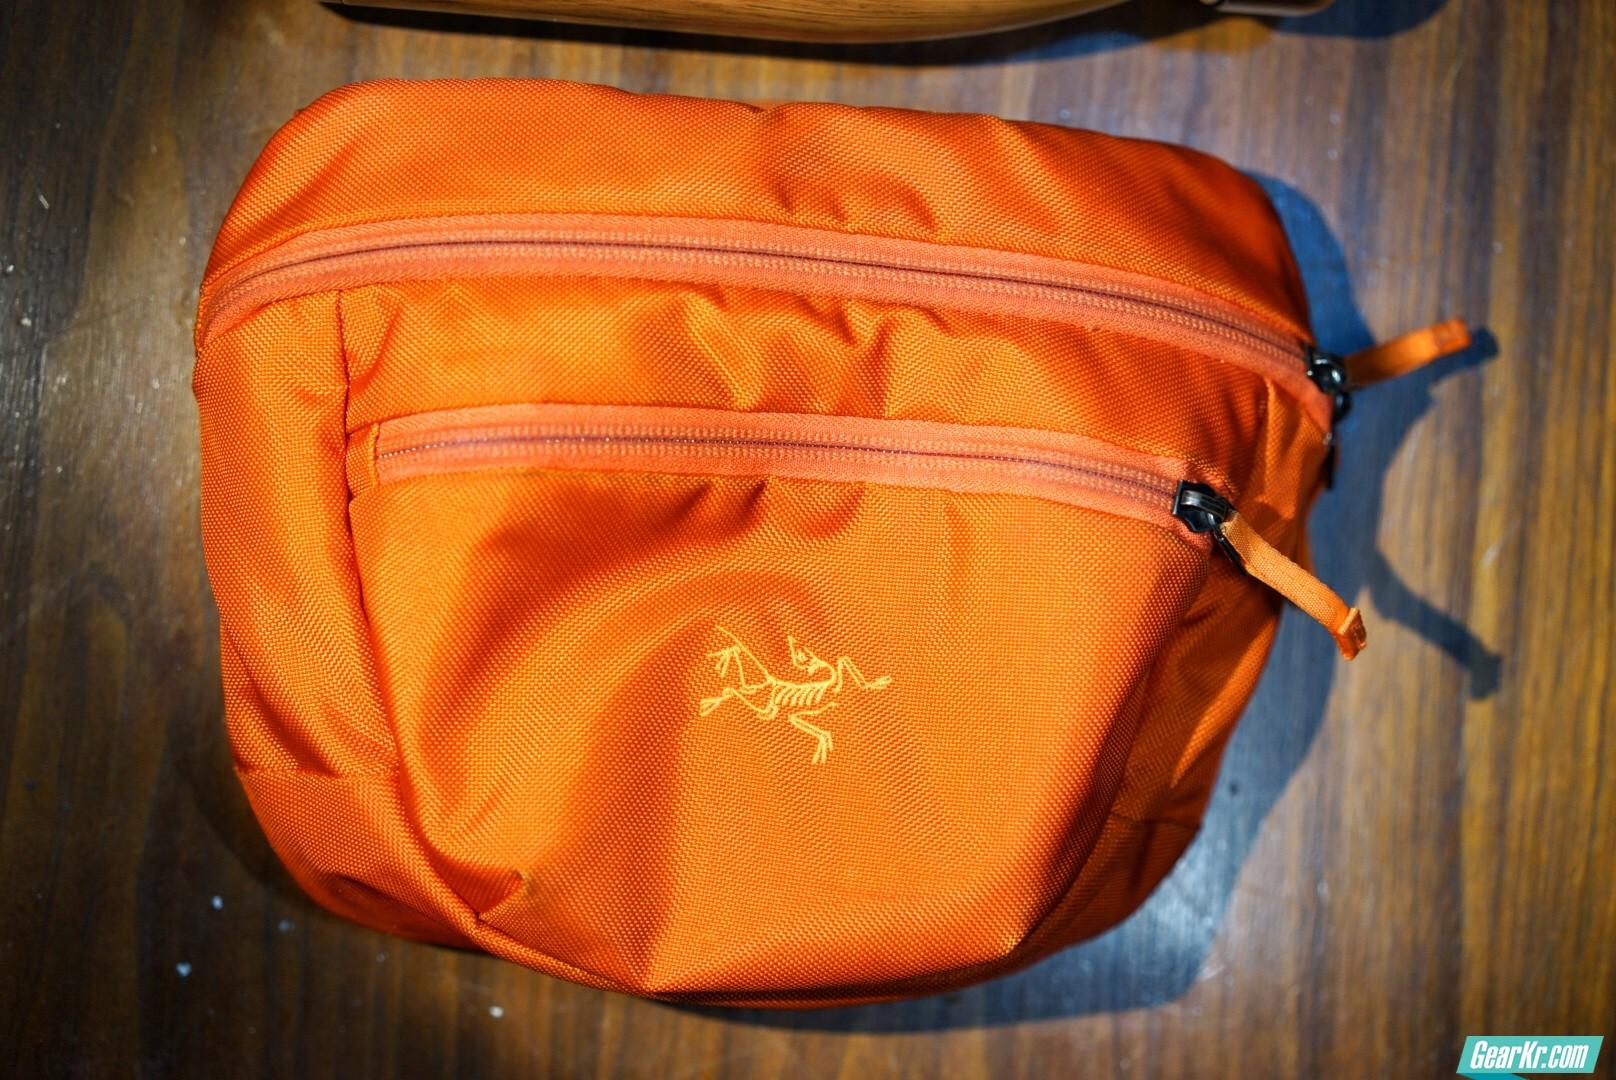 常用腰包,始祖鸟Maka2。夏季穿着随意,一个腰包能装下很多,方便快捷。